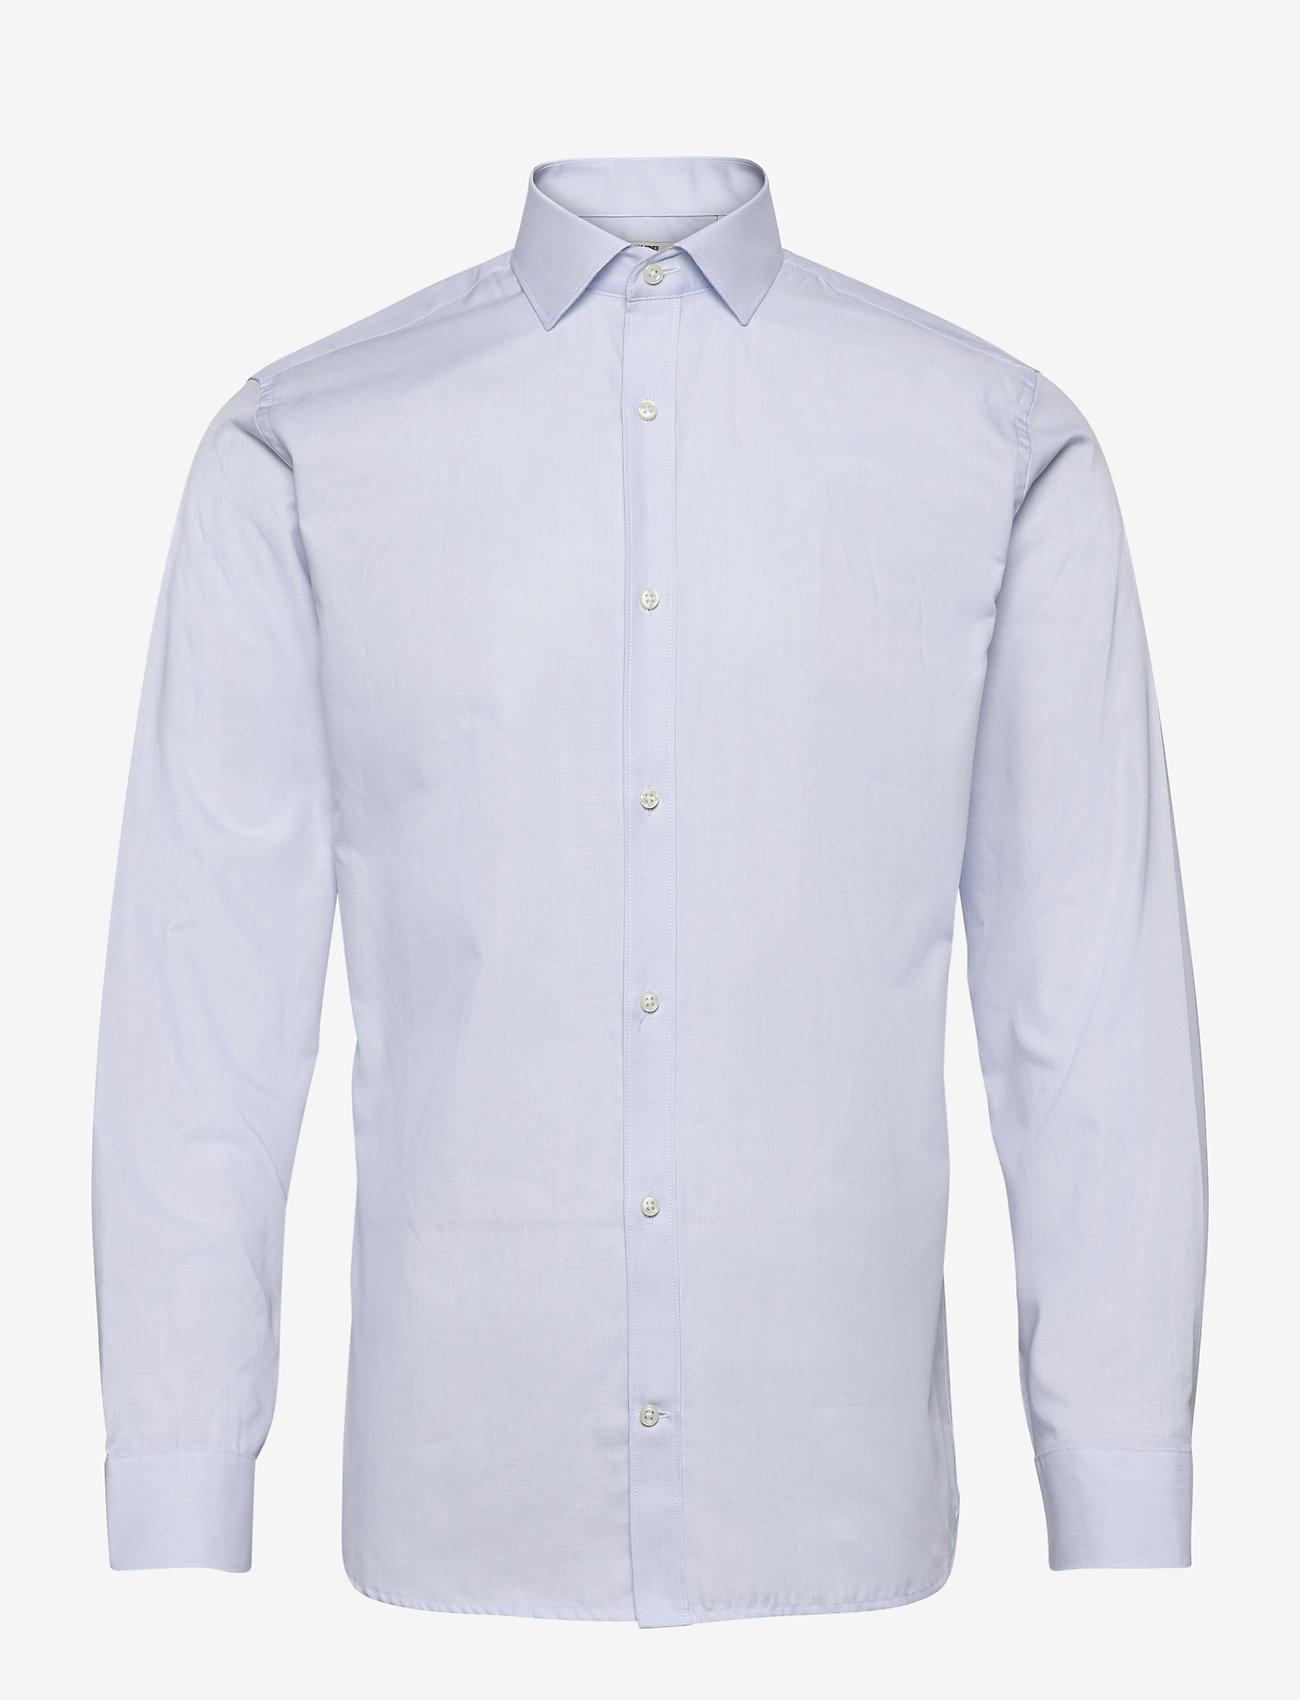 Jack & Jones - JPRBLAROYAL SHIRT L/S - basic skjortor - cashmere blue - 0